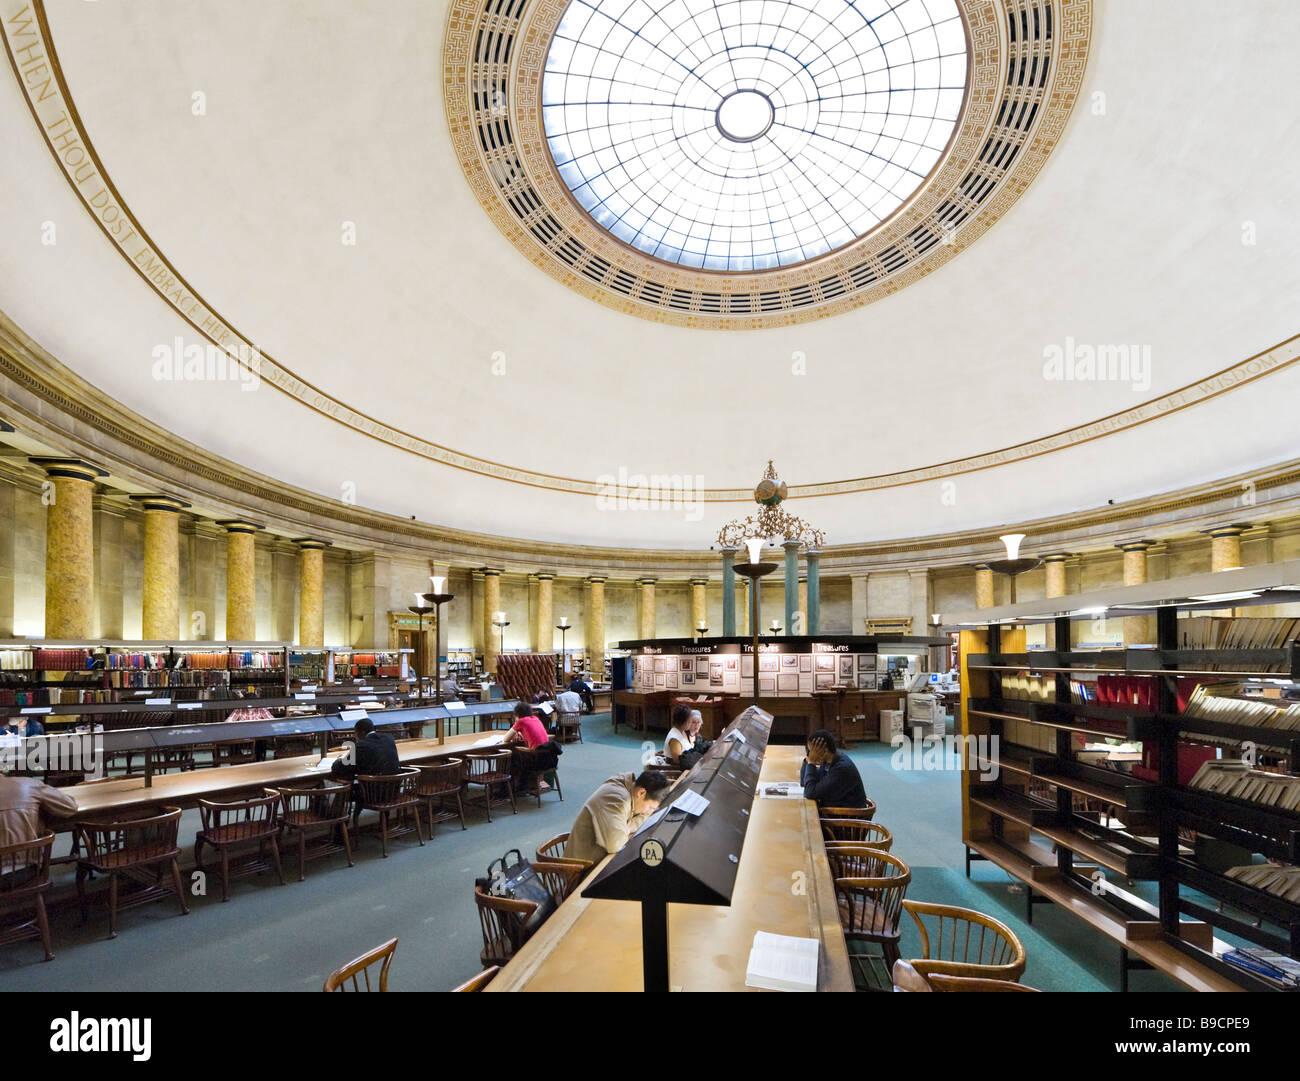 Die wichtigsten Lesesaal der Zentralbibliothek, St.-Peter Platzes, Manchester, England Stockbild